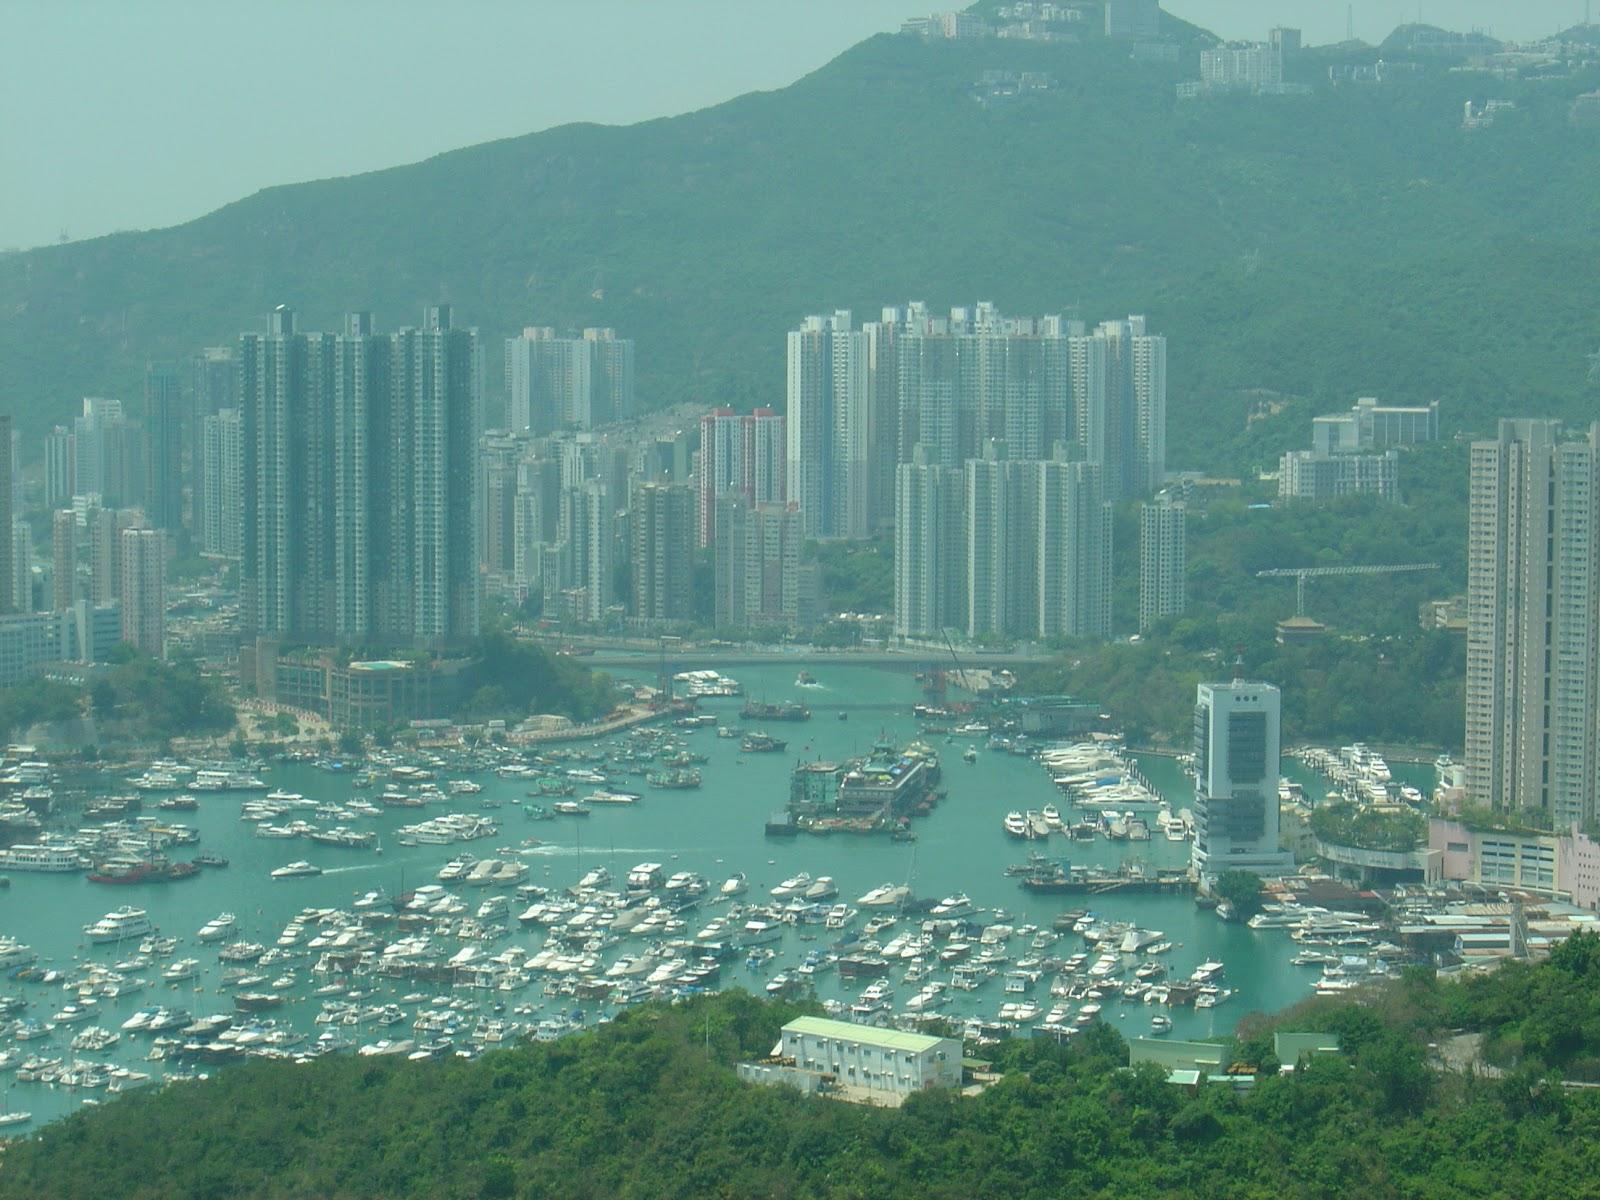 followme: Lost in Hong Kong